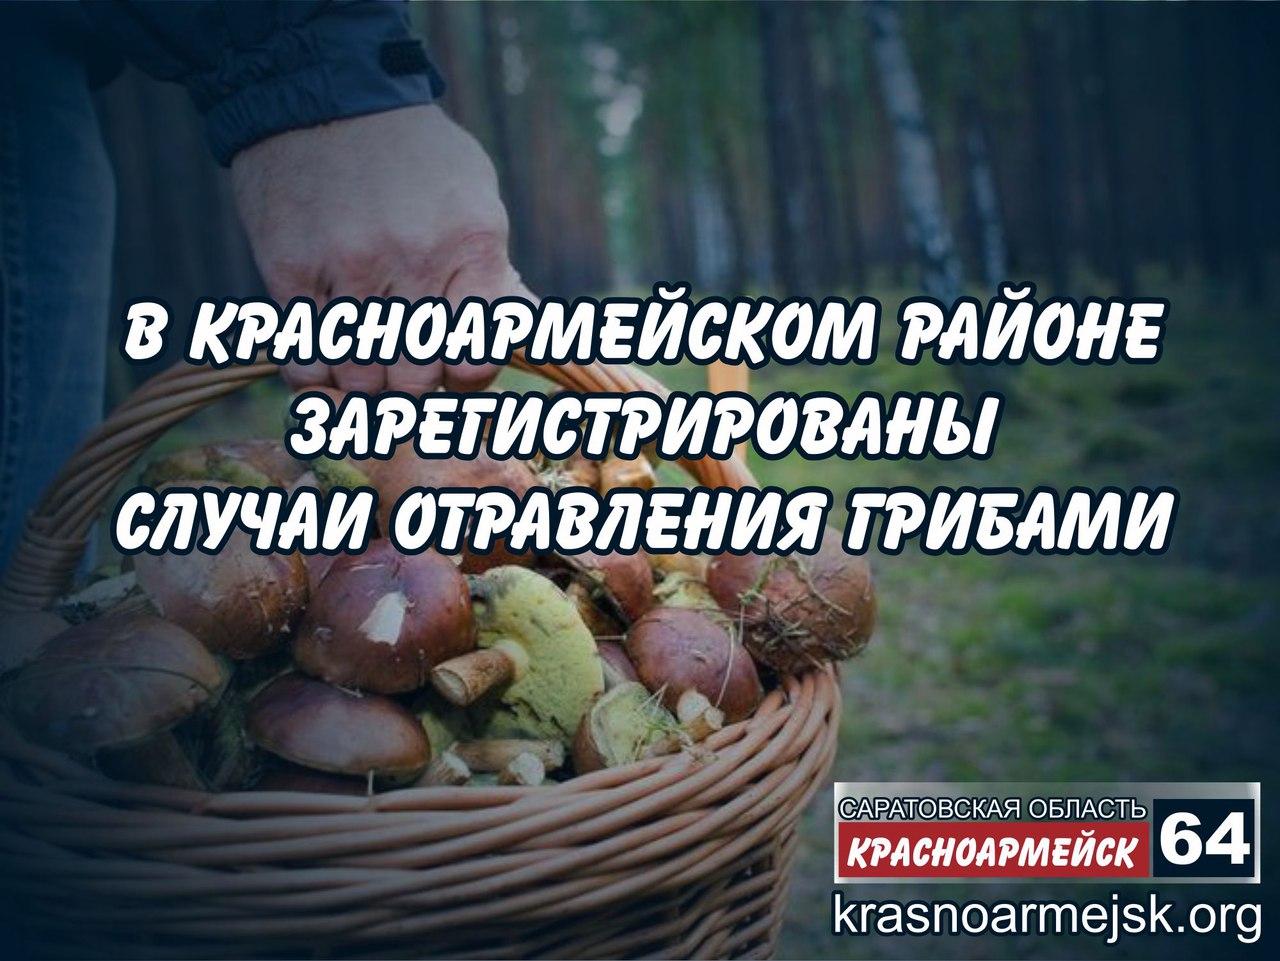 В Саратовской области число отравившихся грибами выросло в 2,5 раза